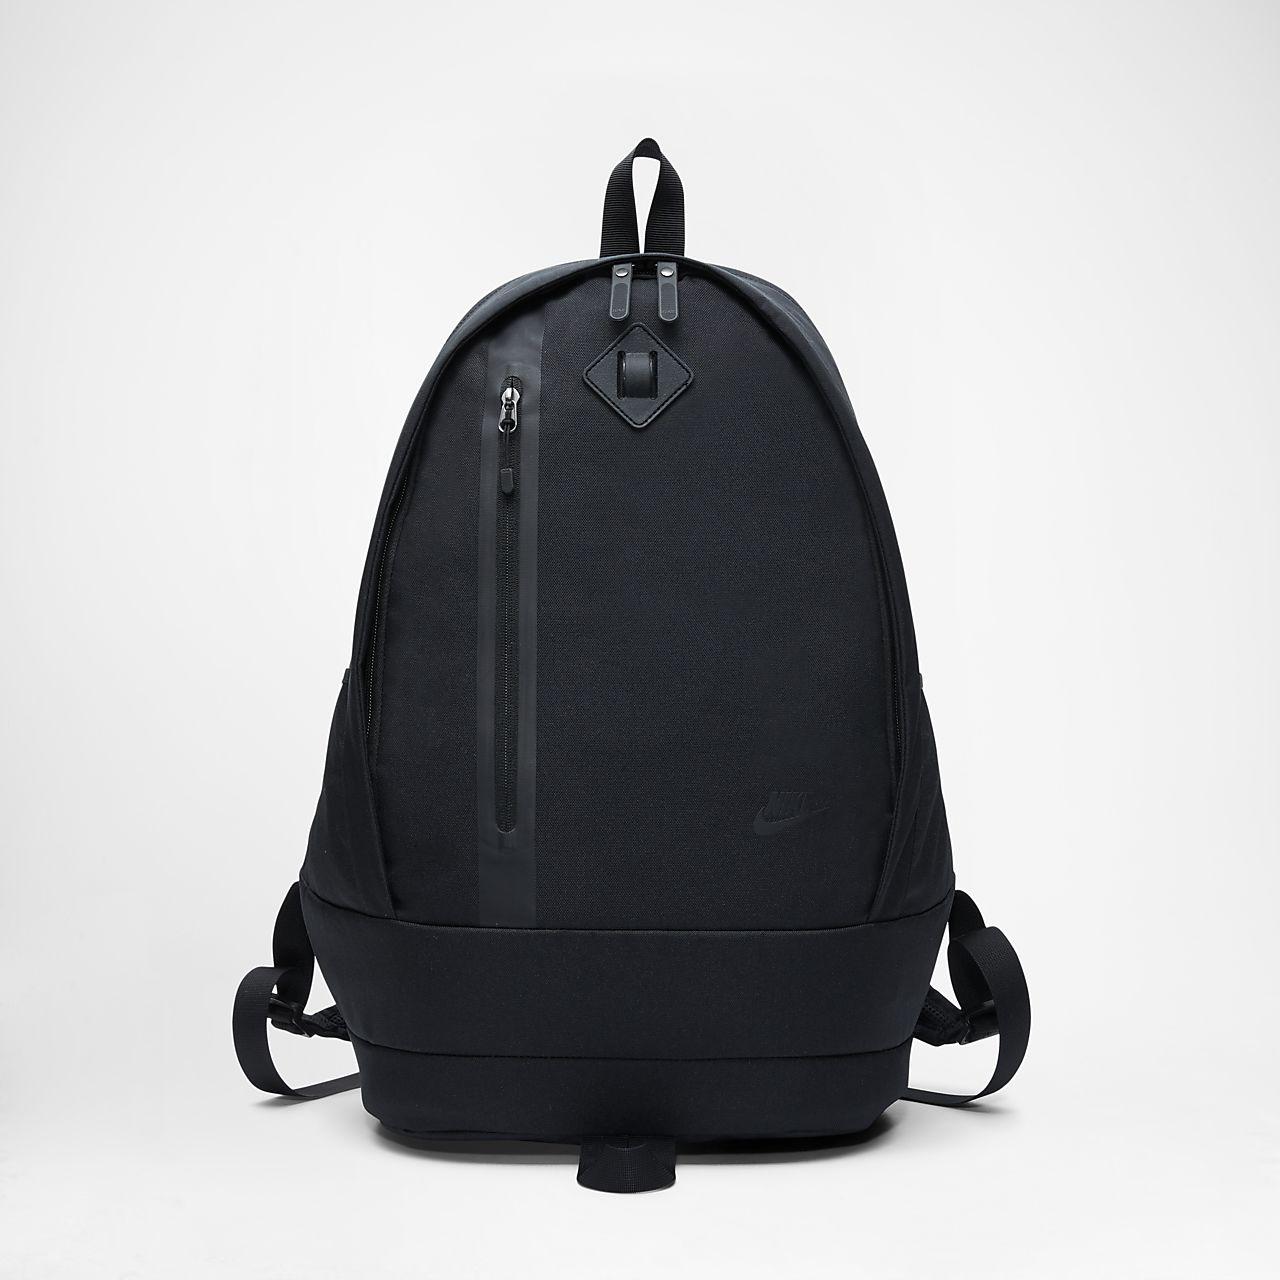 Ryggsäck Nike Sportswear Cheyenne 3.0 Solid